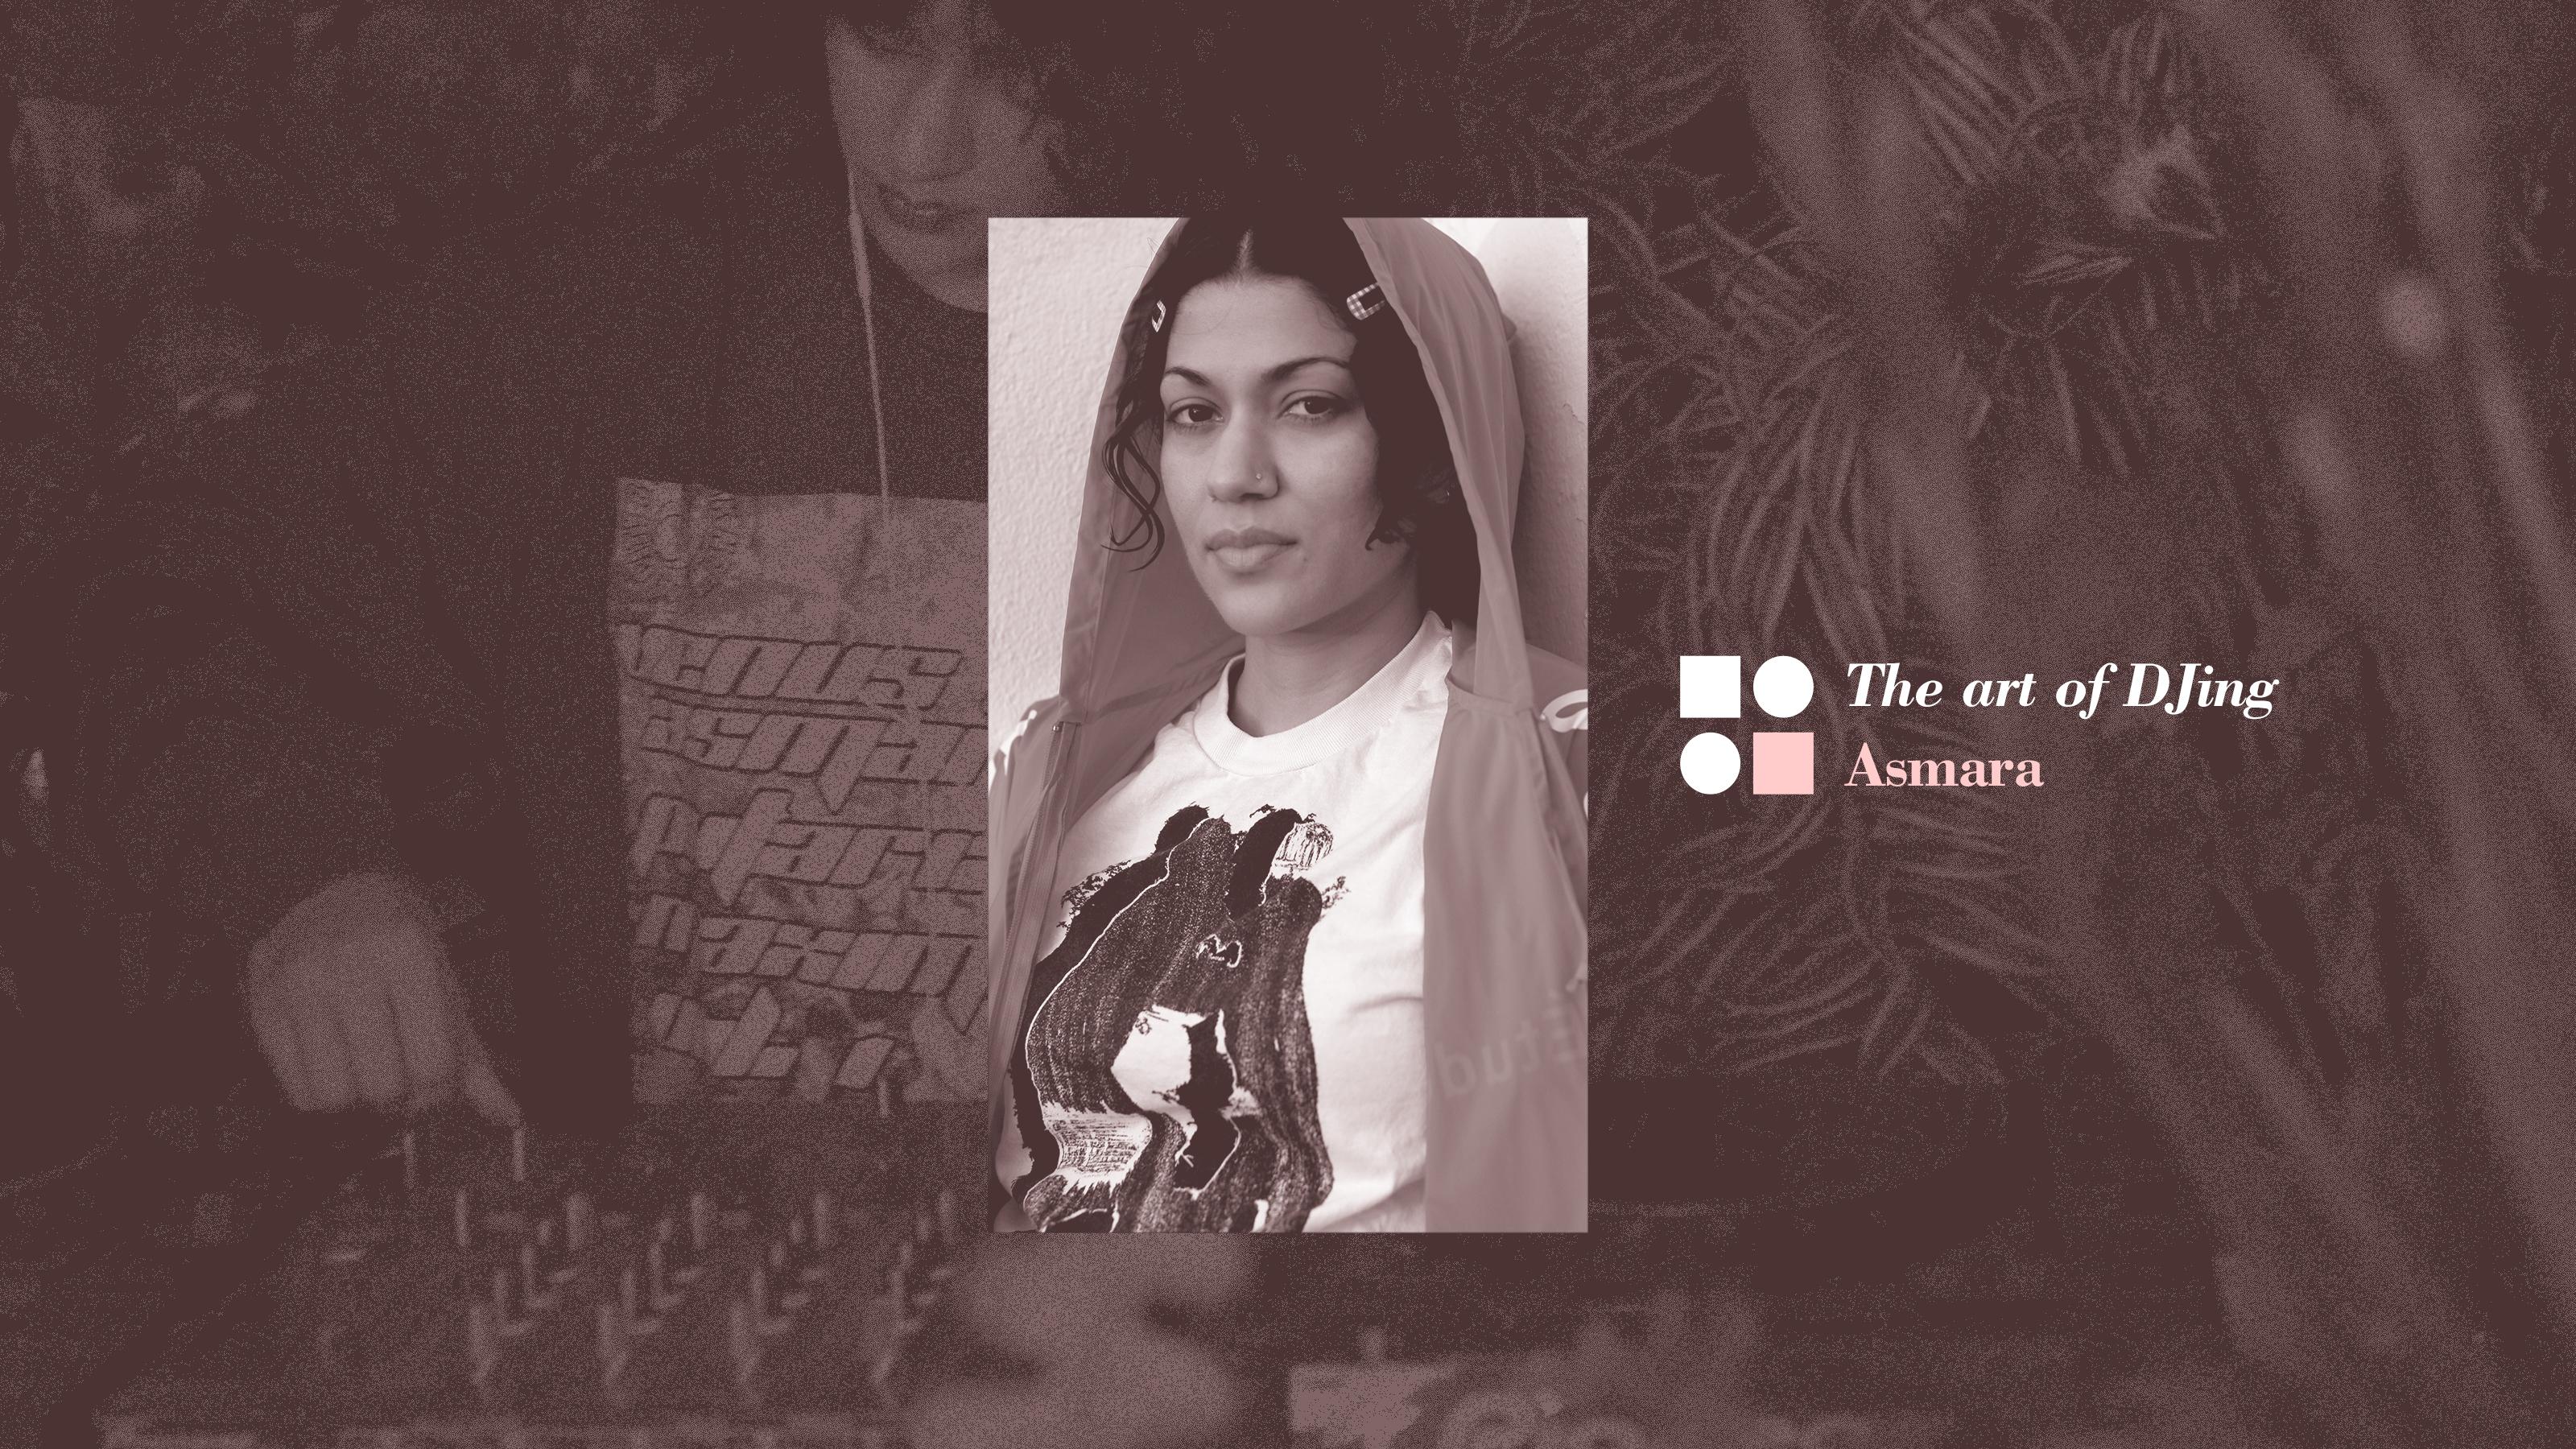 The art of DJing: Asmara